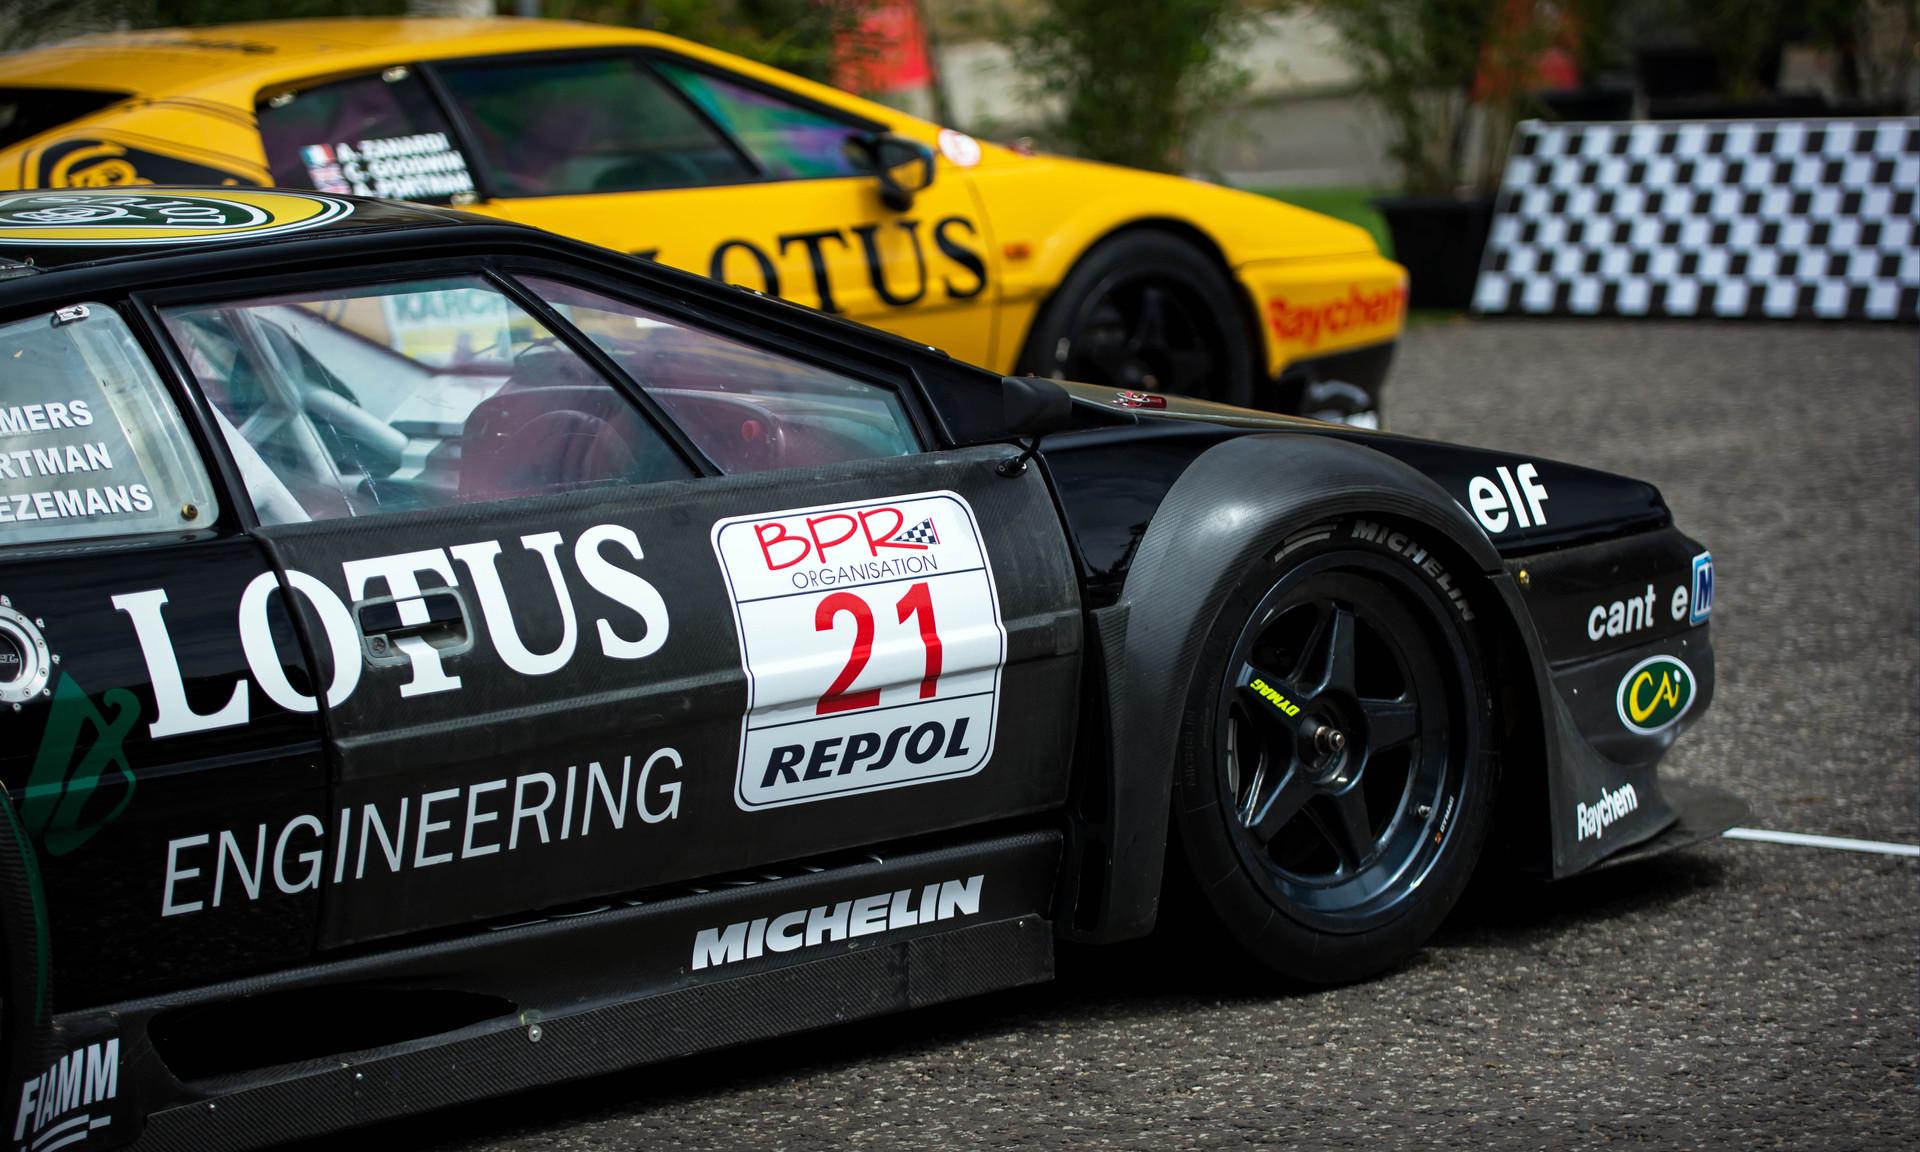 Lotus Esprit GT1s